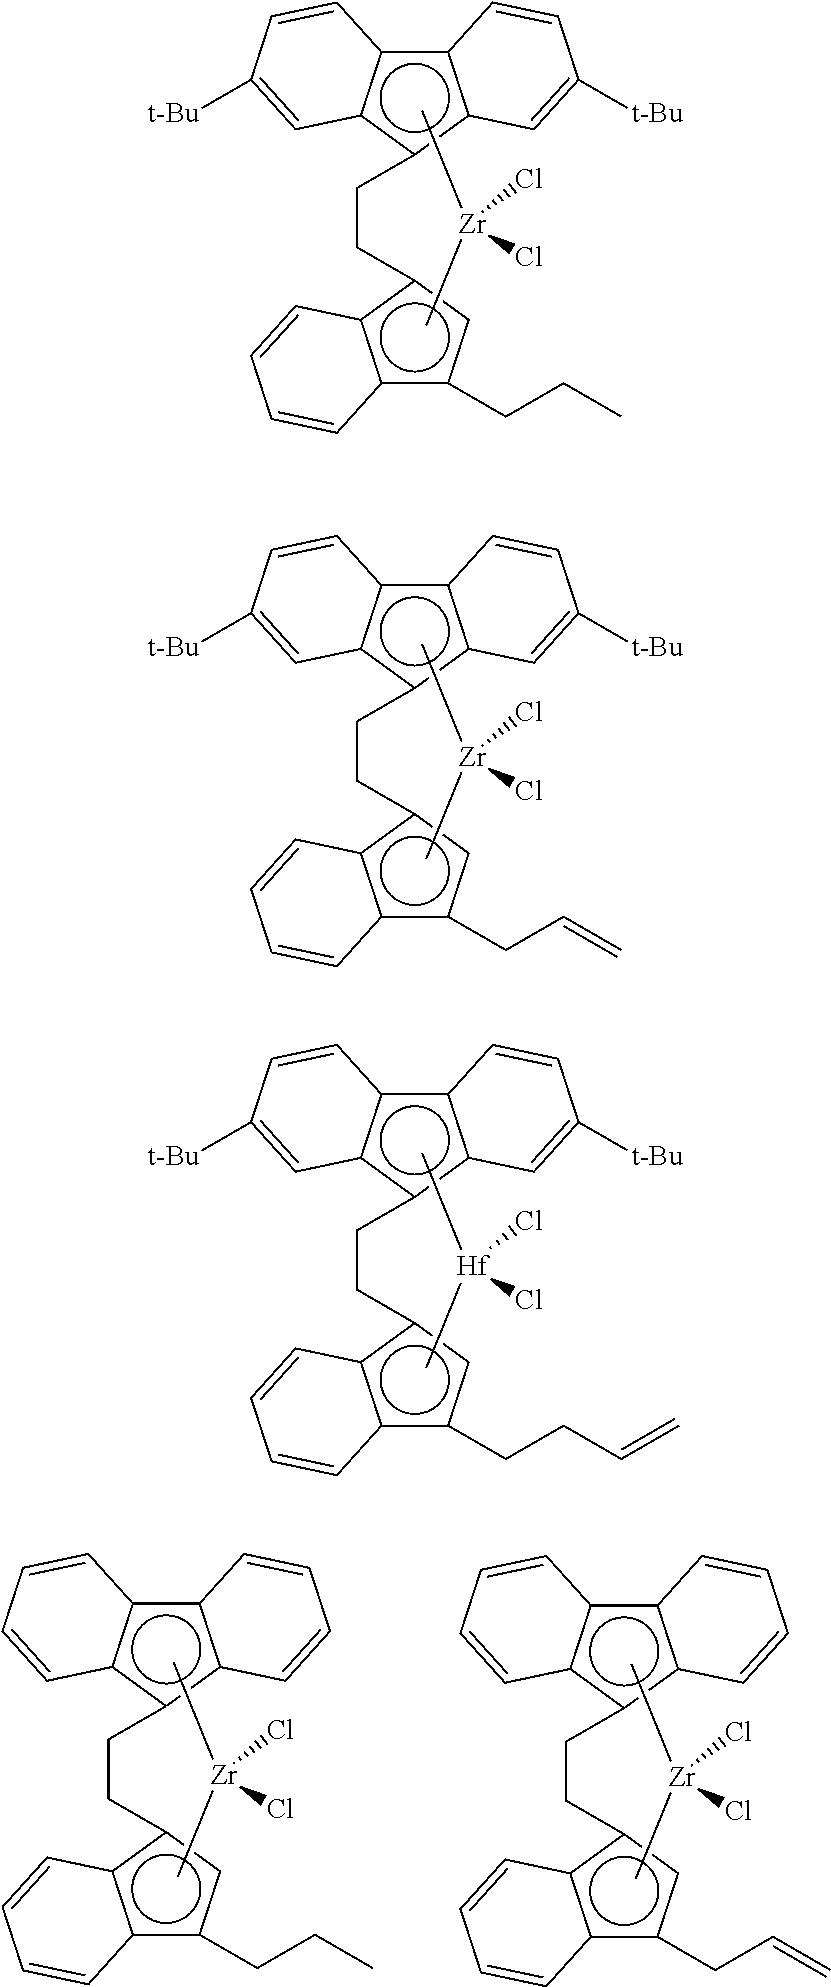 Figure US09650459-20170516-C00008